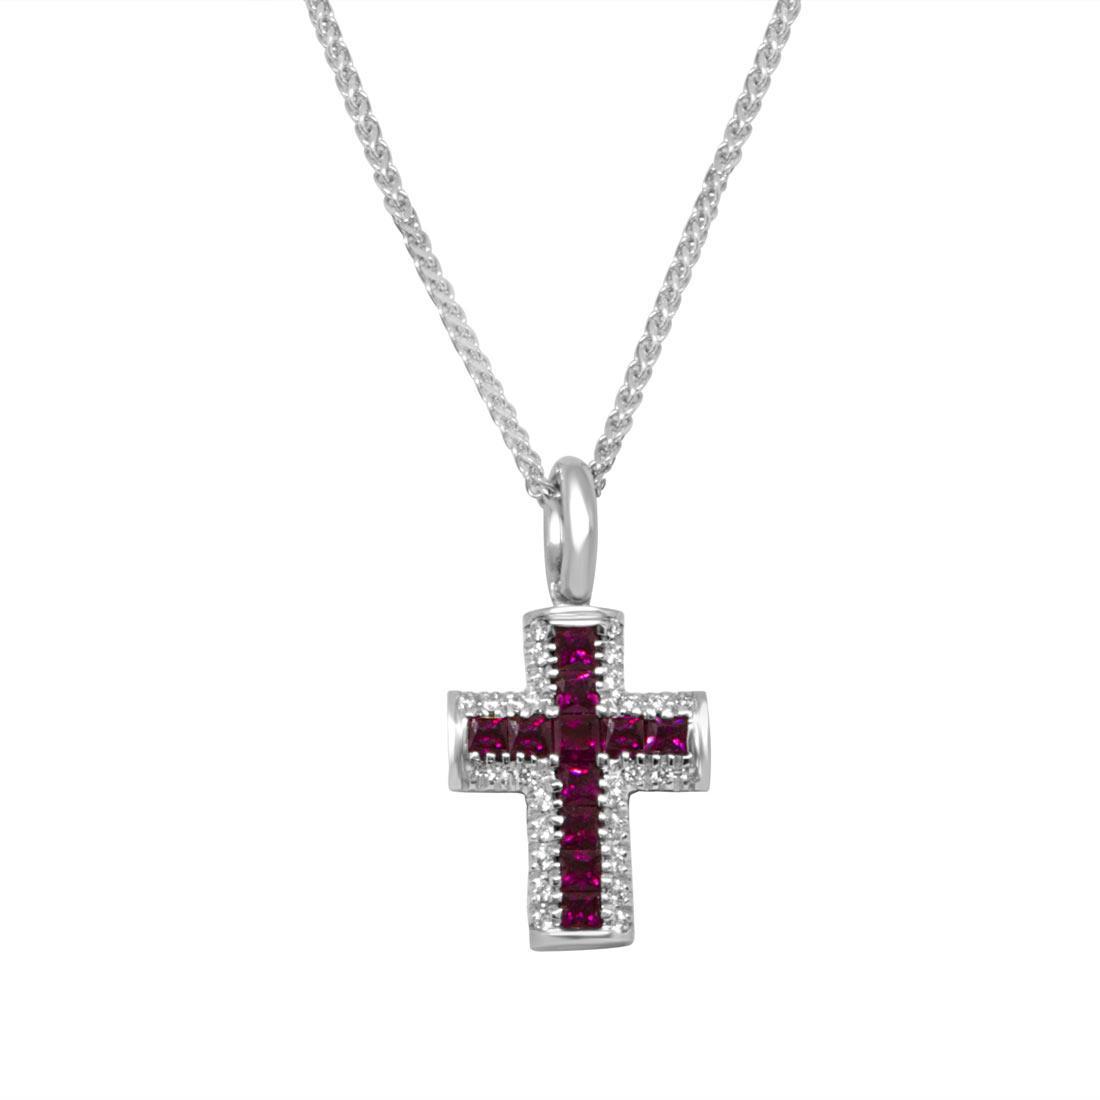 Collana  in oro bianco pendente croce con diamanti ct 0.12 e rubini ct 0.73 - RECARLO